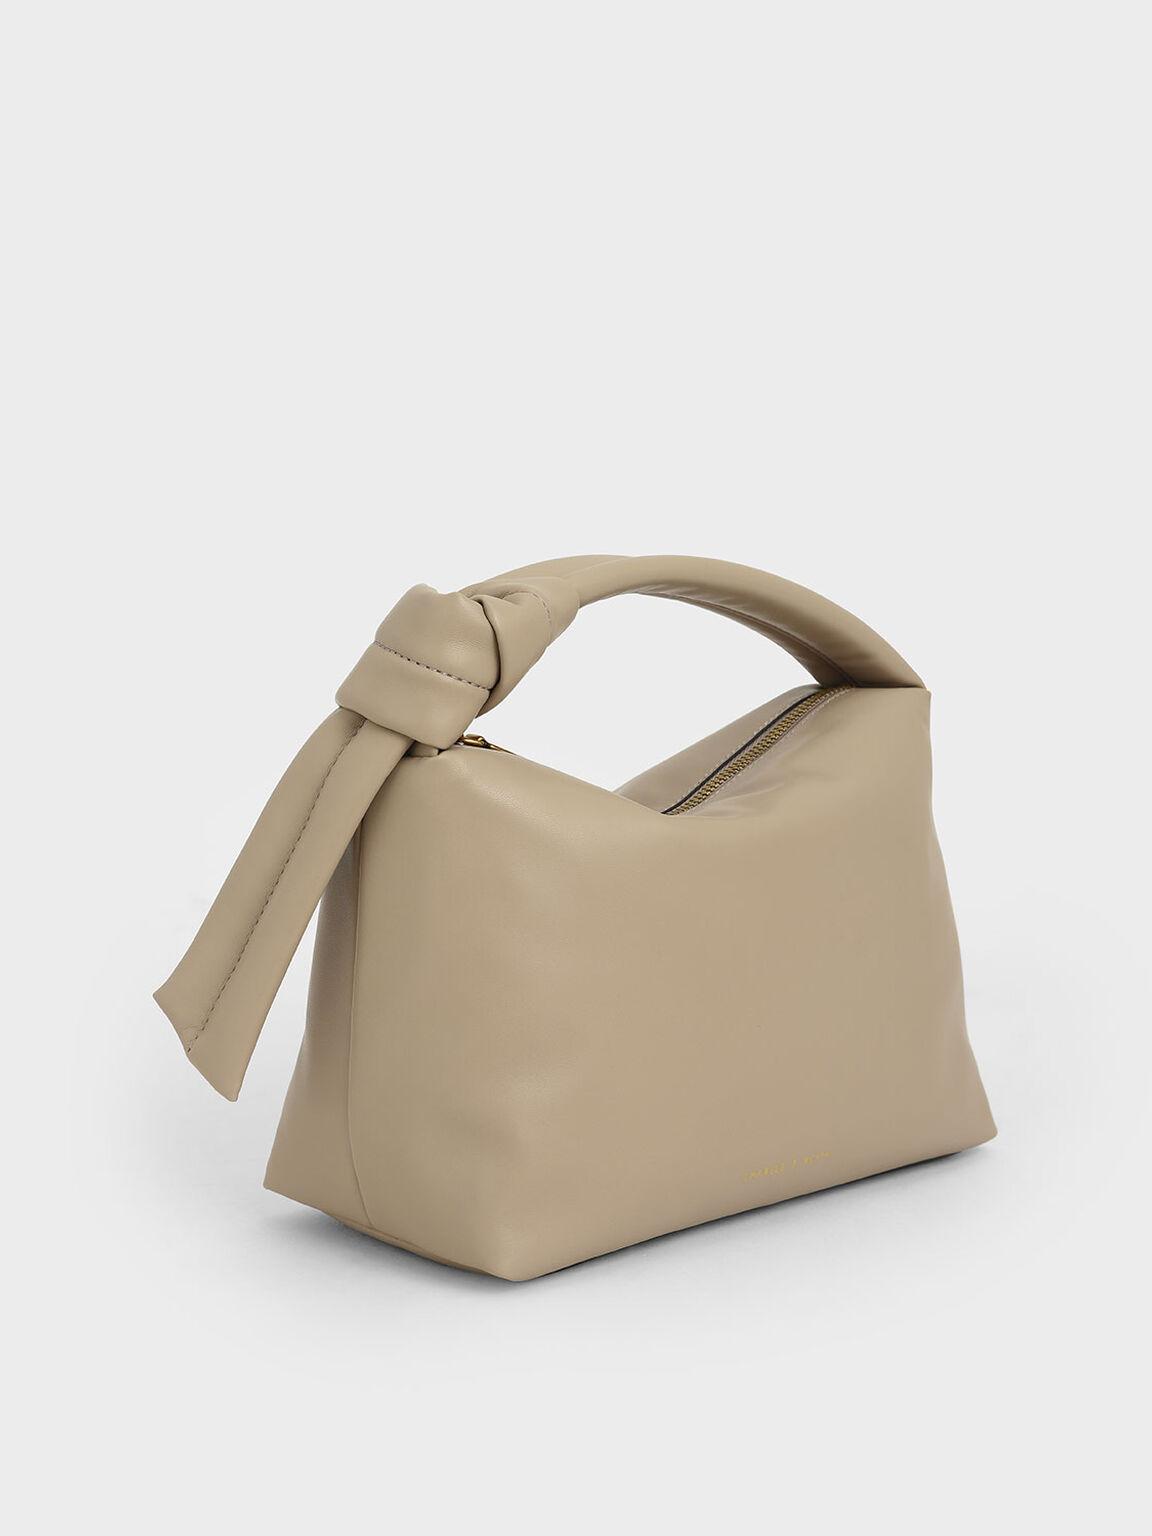 Slouchy Hobo Bag, Beige, hi-res